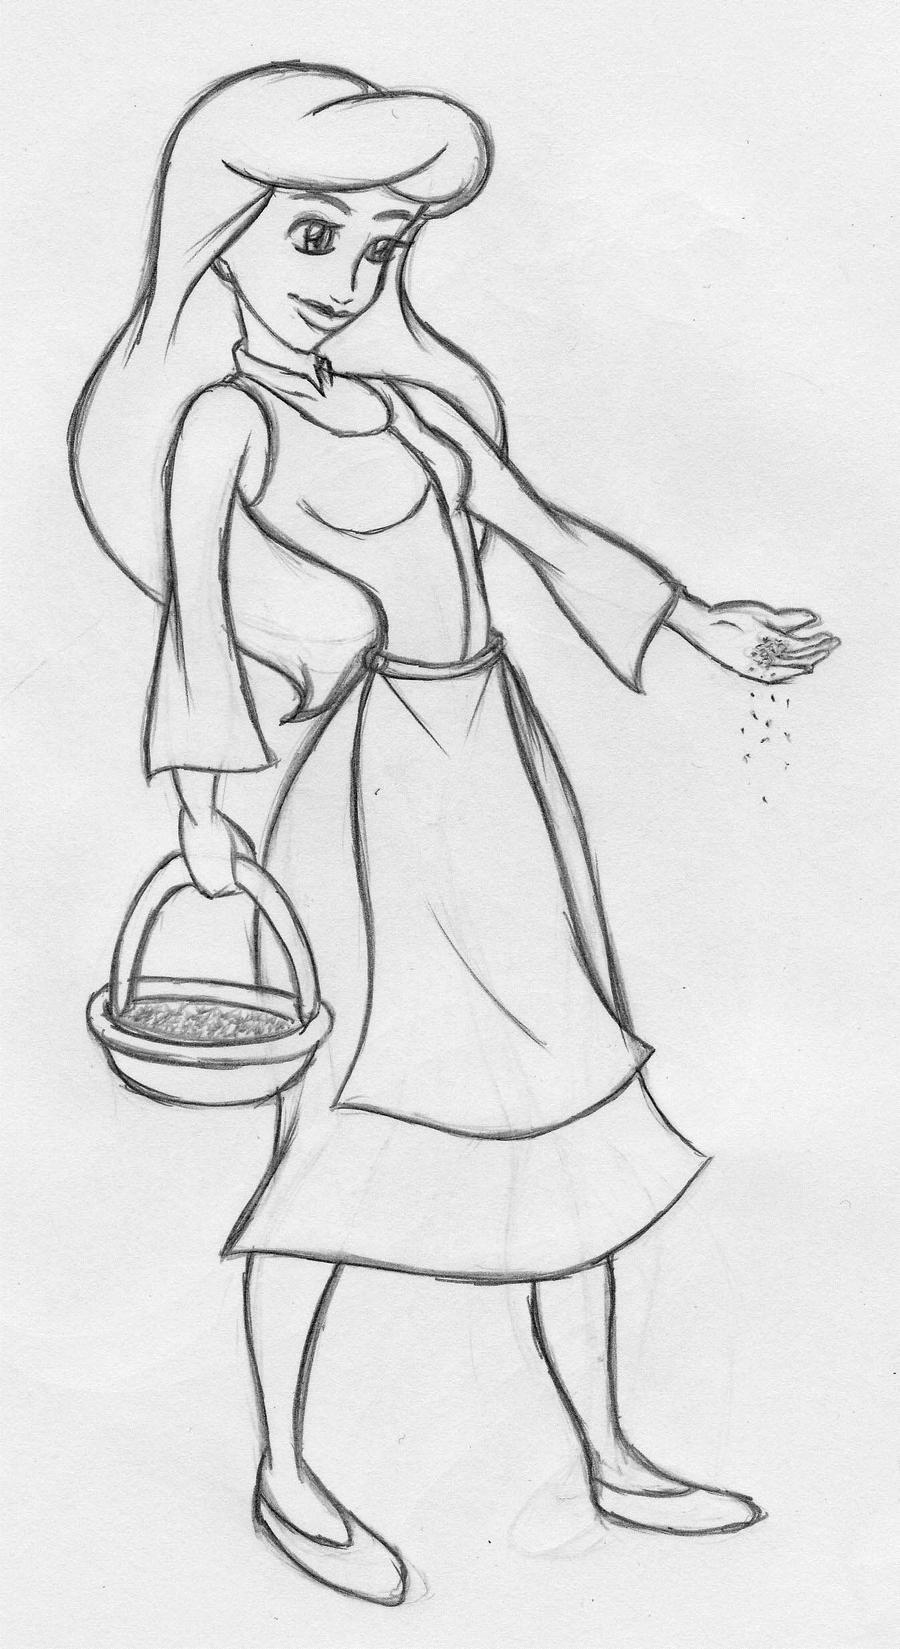 Disney Cinderella Sketch By Kimberly castello On DeviantArt